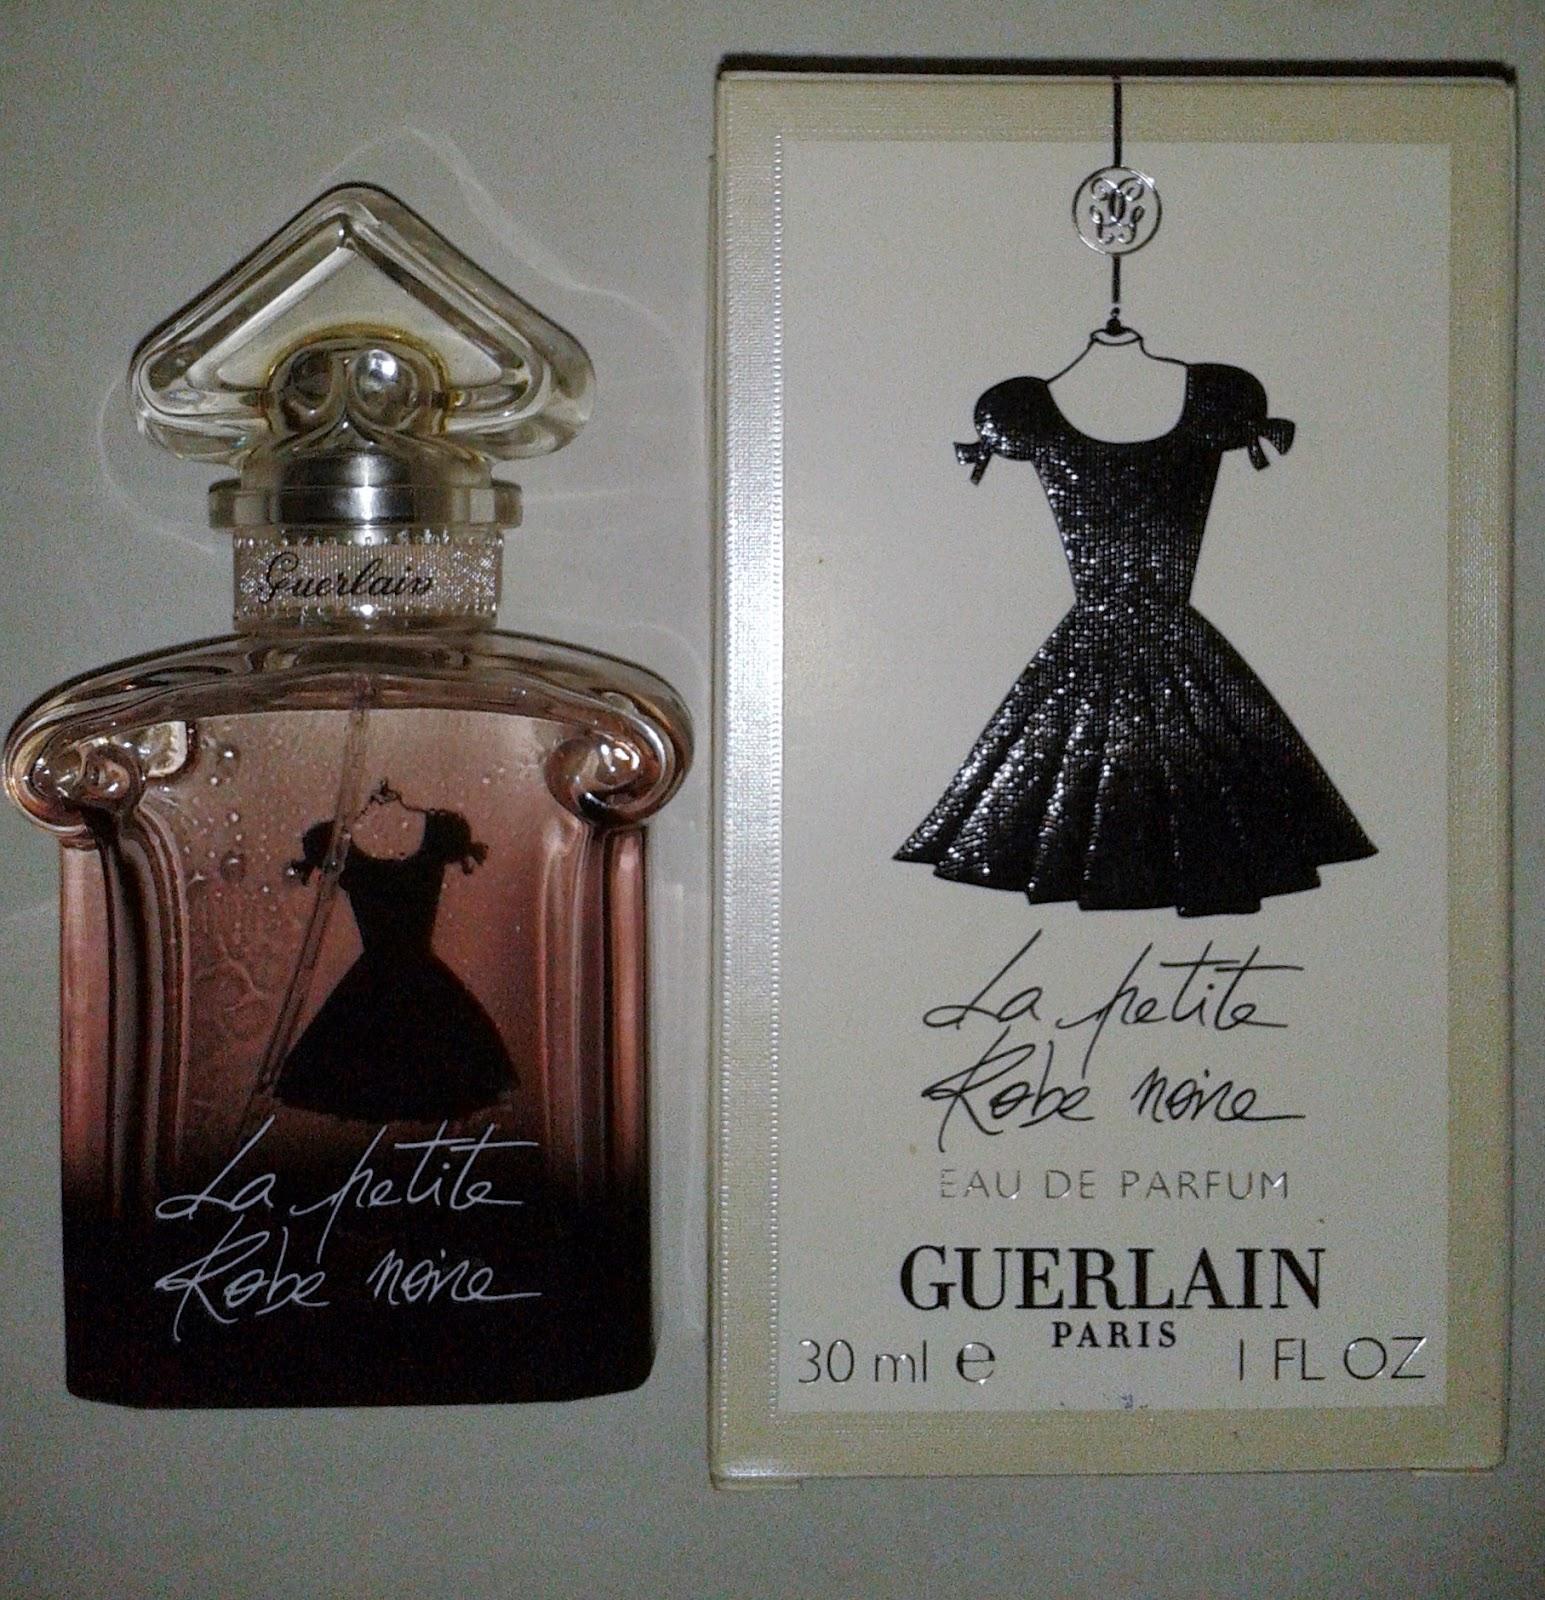 Le petit robe noire 50ml